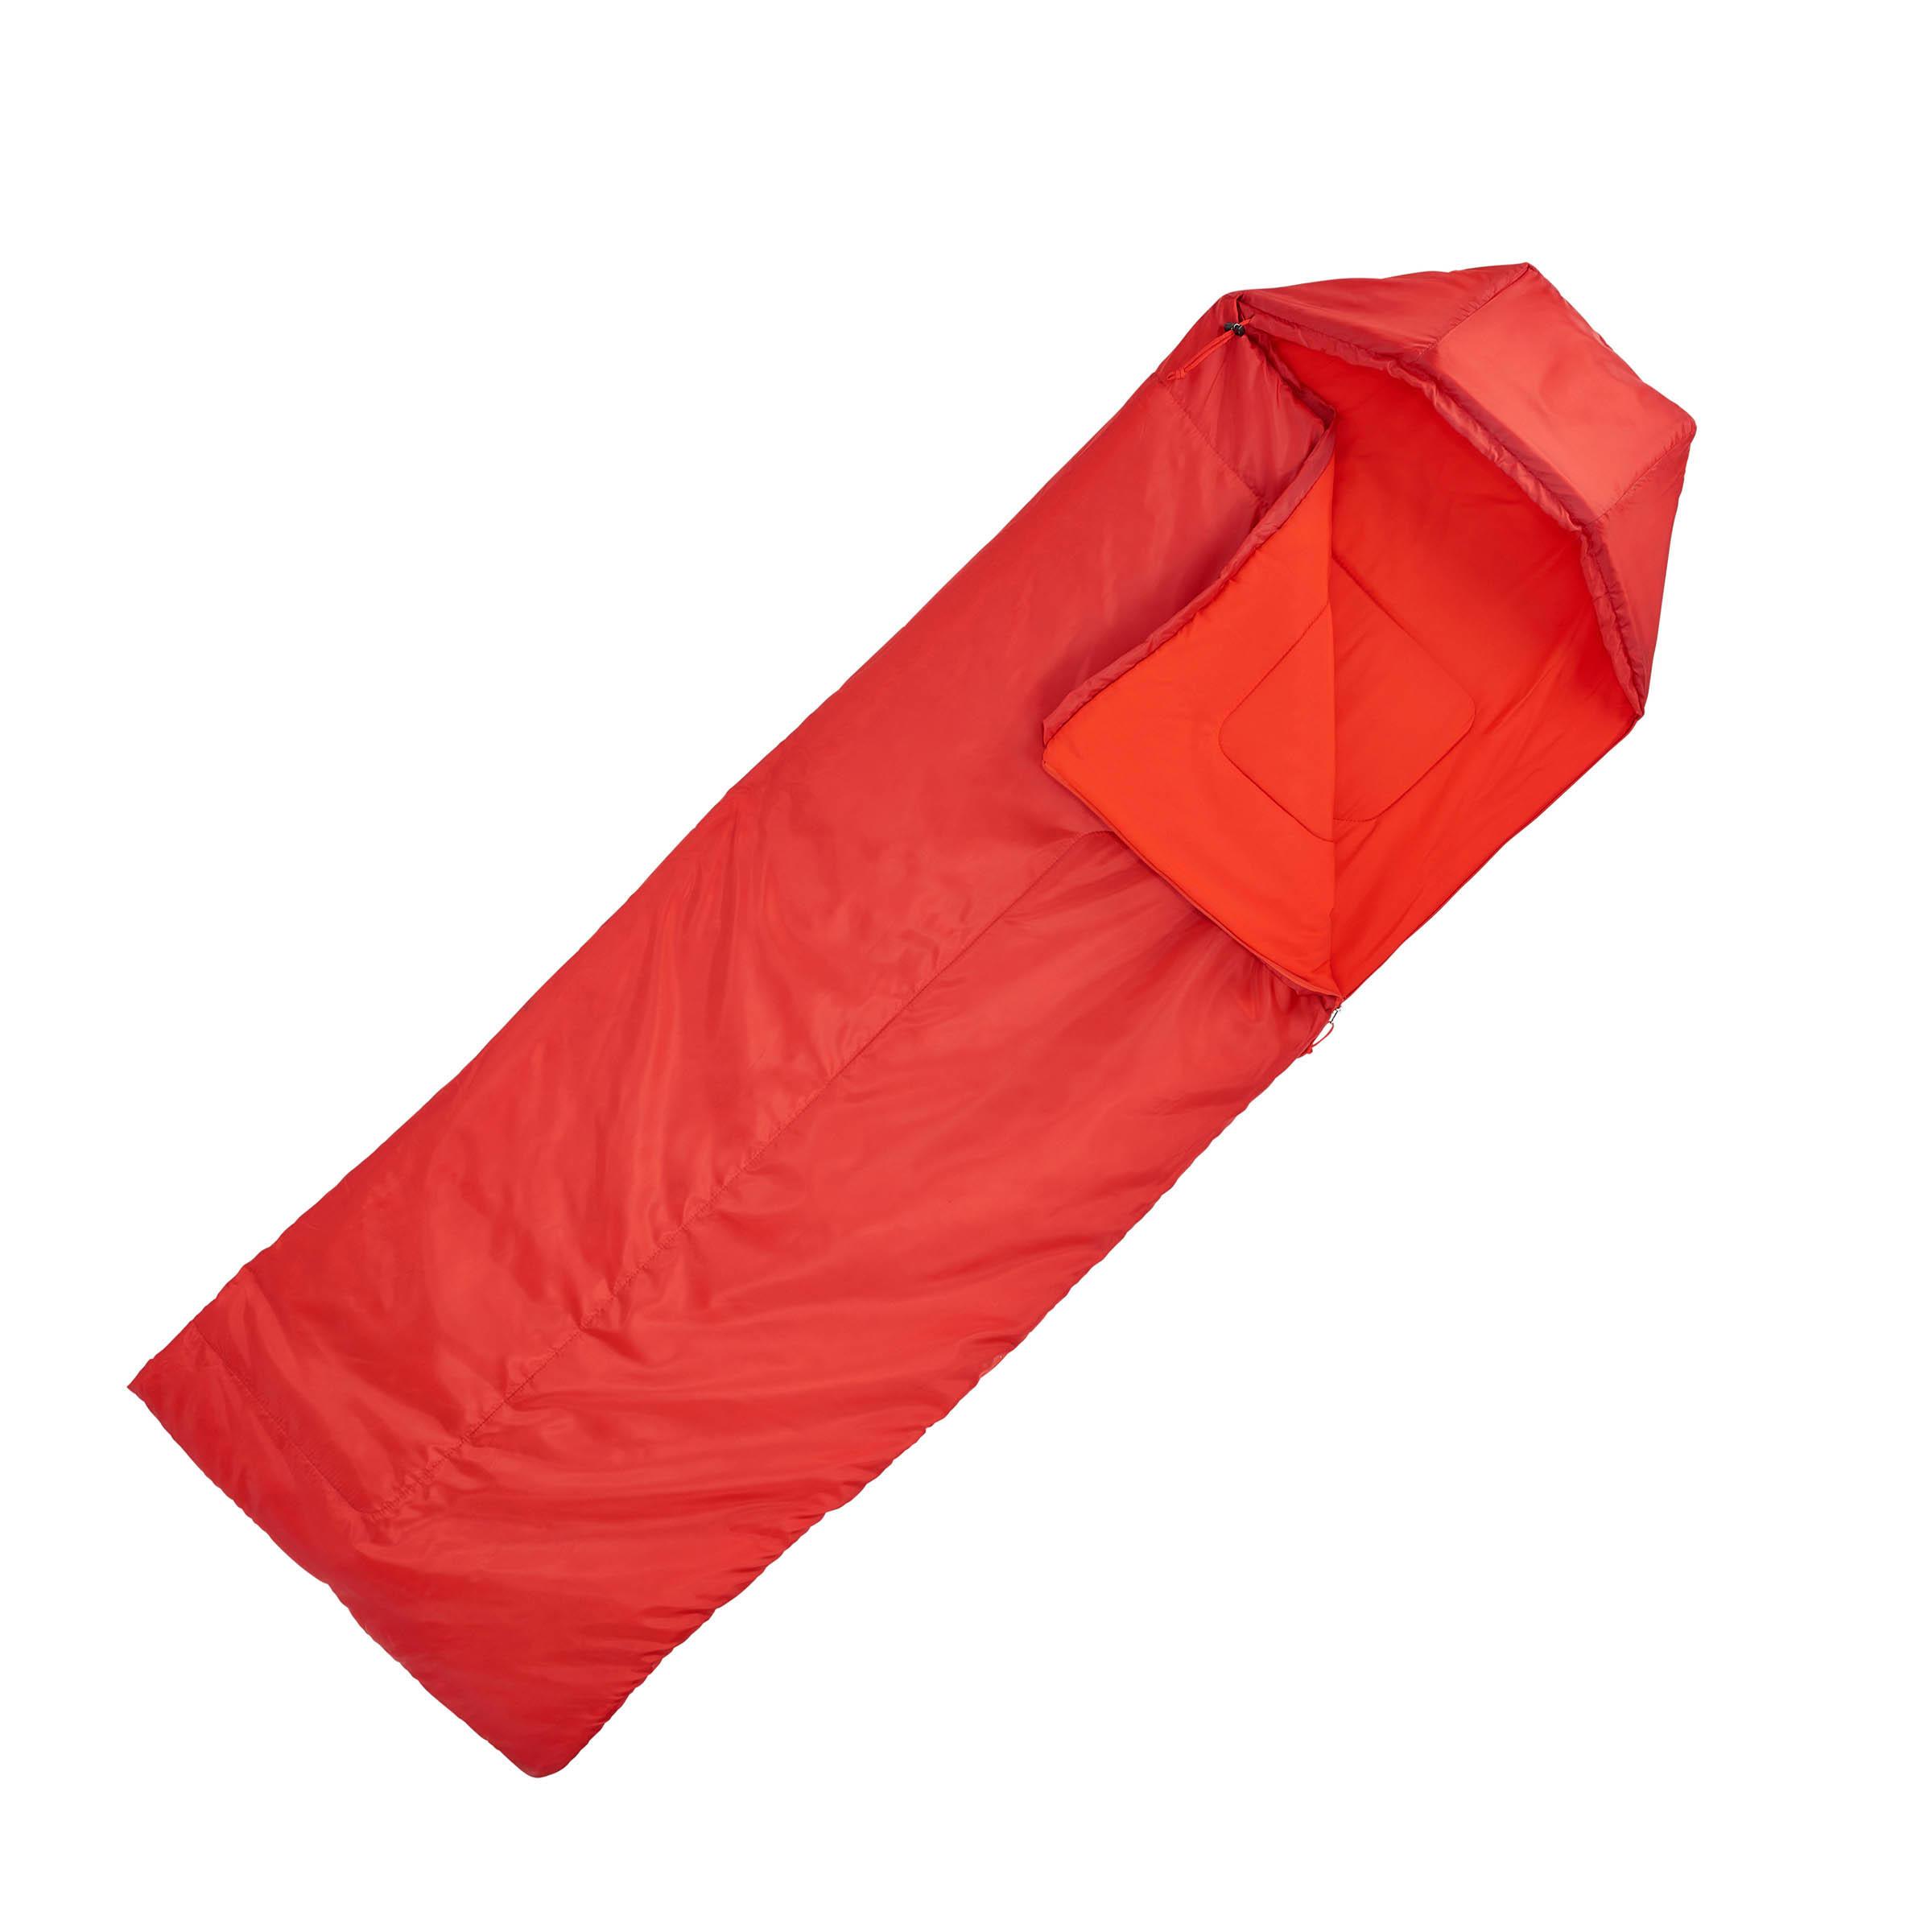 Forclaz 10° Bivouacking/Hiking/Trekking Sleeping Bag - Left Zip Red